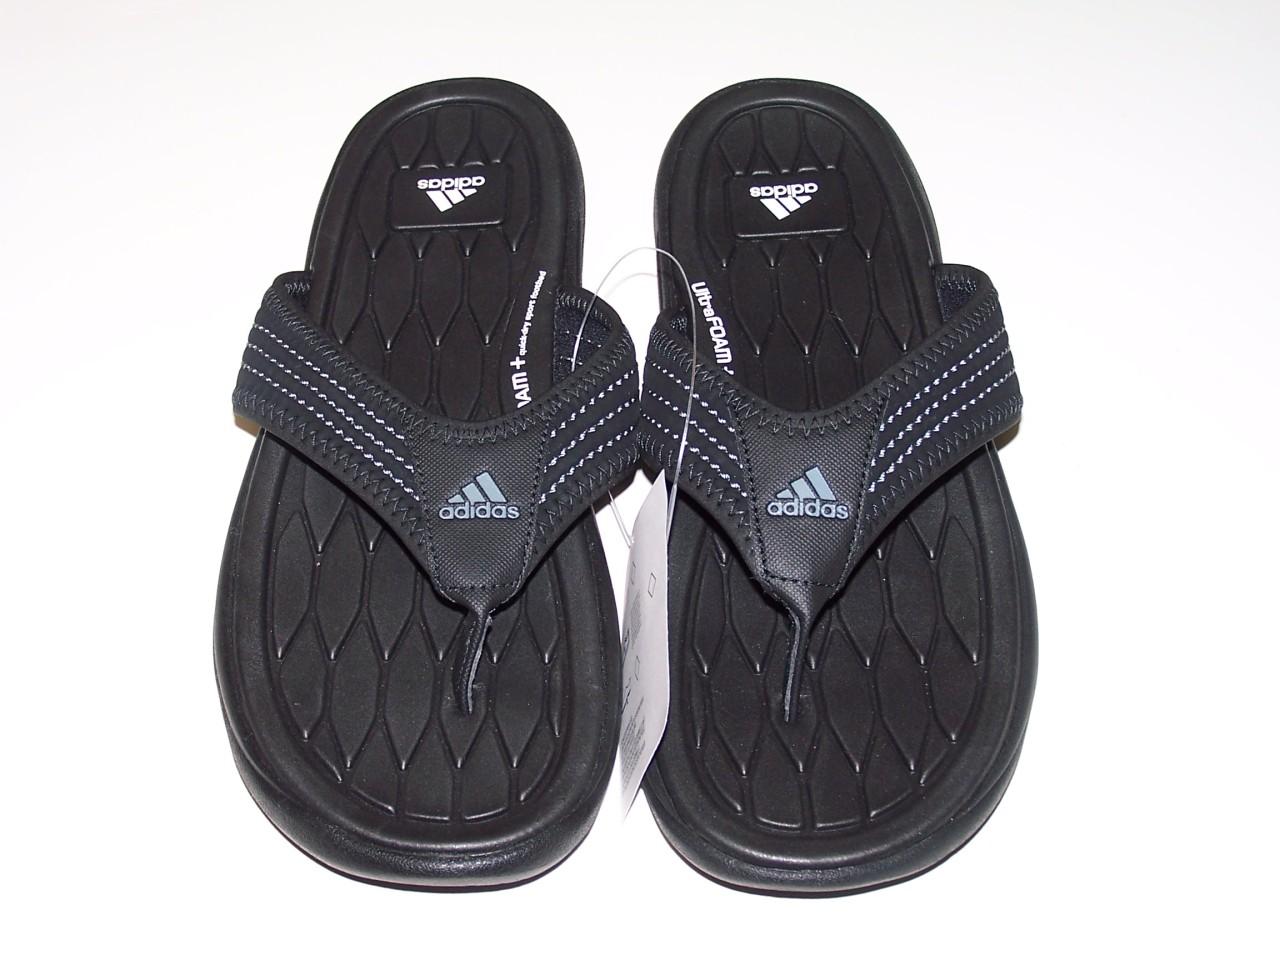 f0ffd34d4cb2 Buy adidas foam sandals